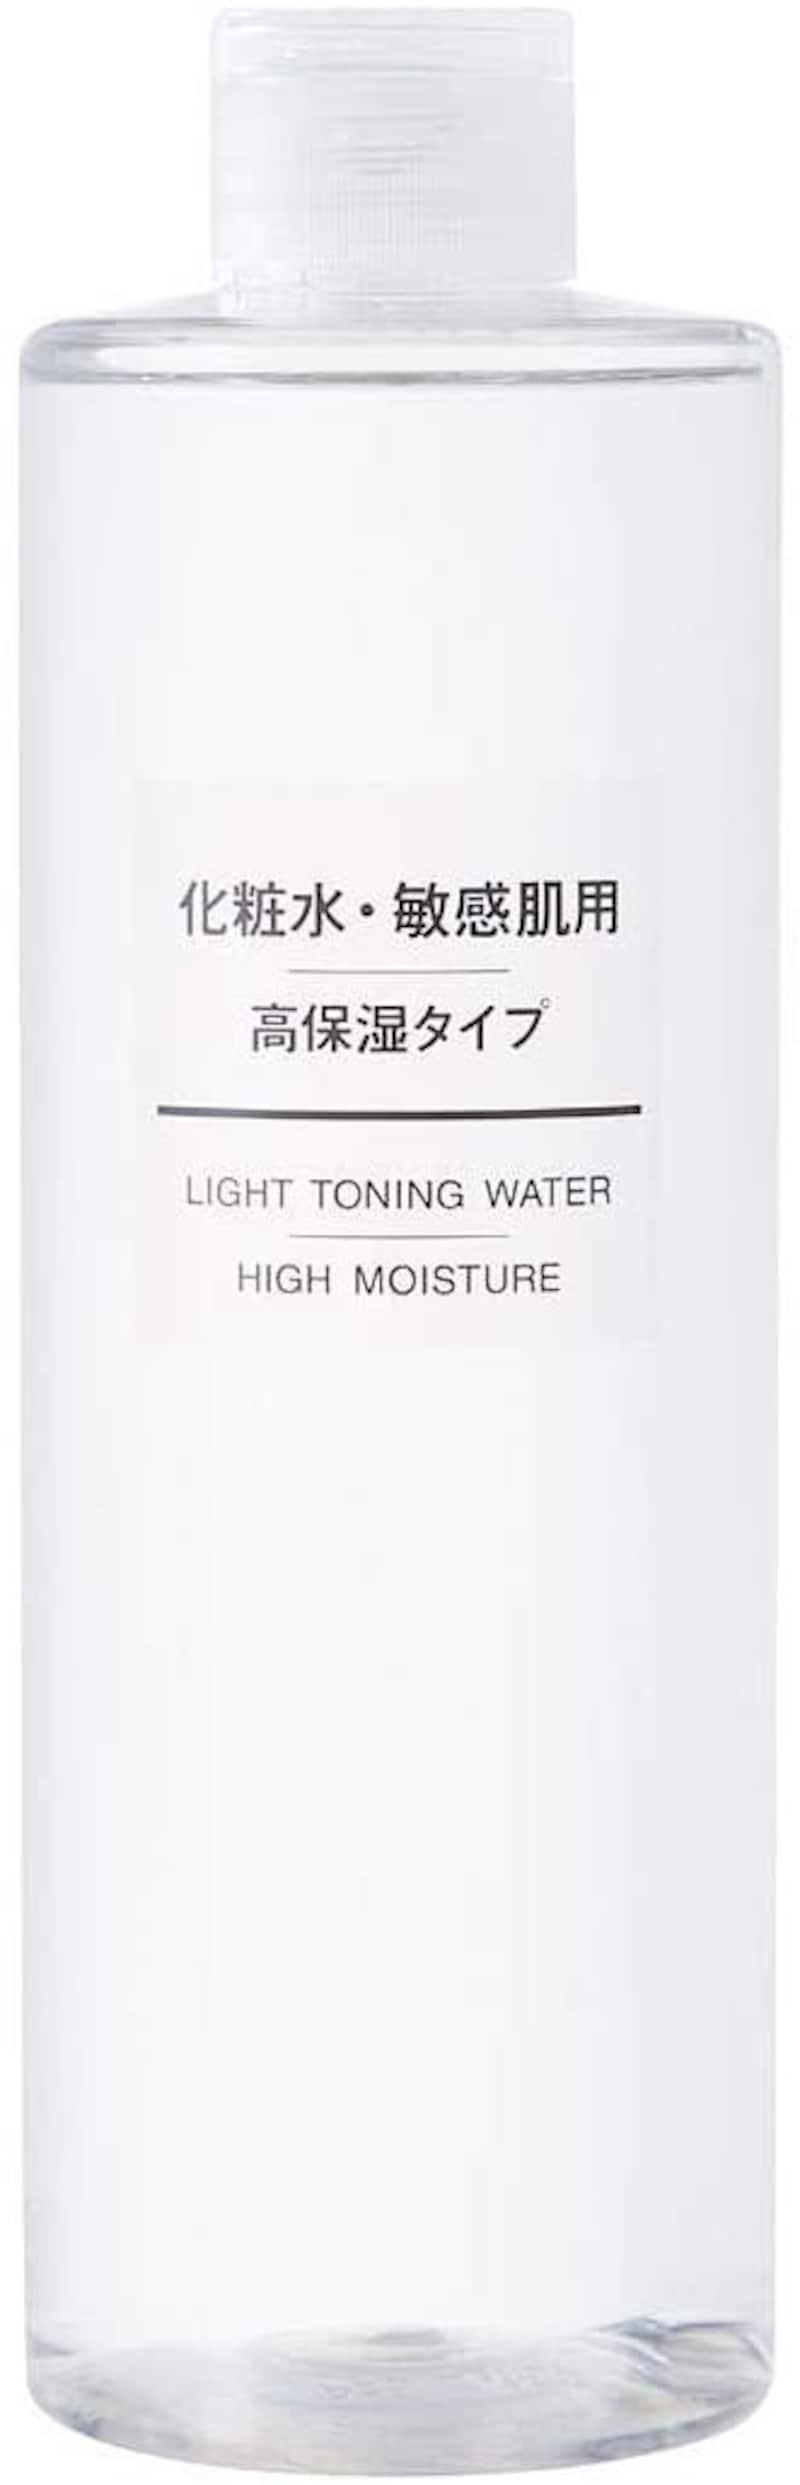 無印良品,化粧水・敏感肌用・高保湿タイプ(大容量)